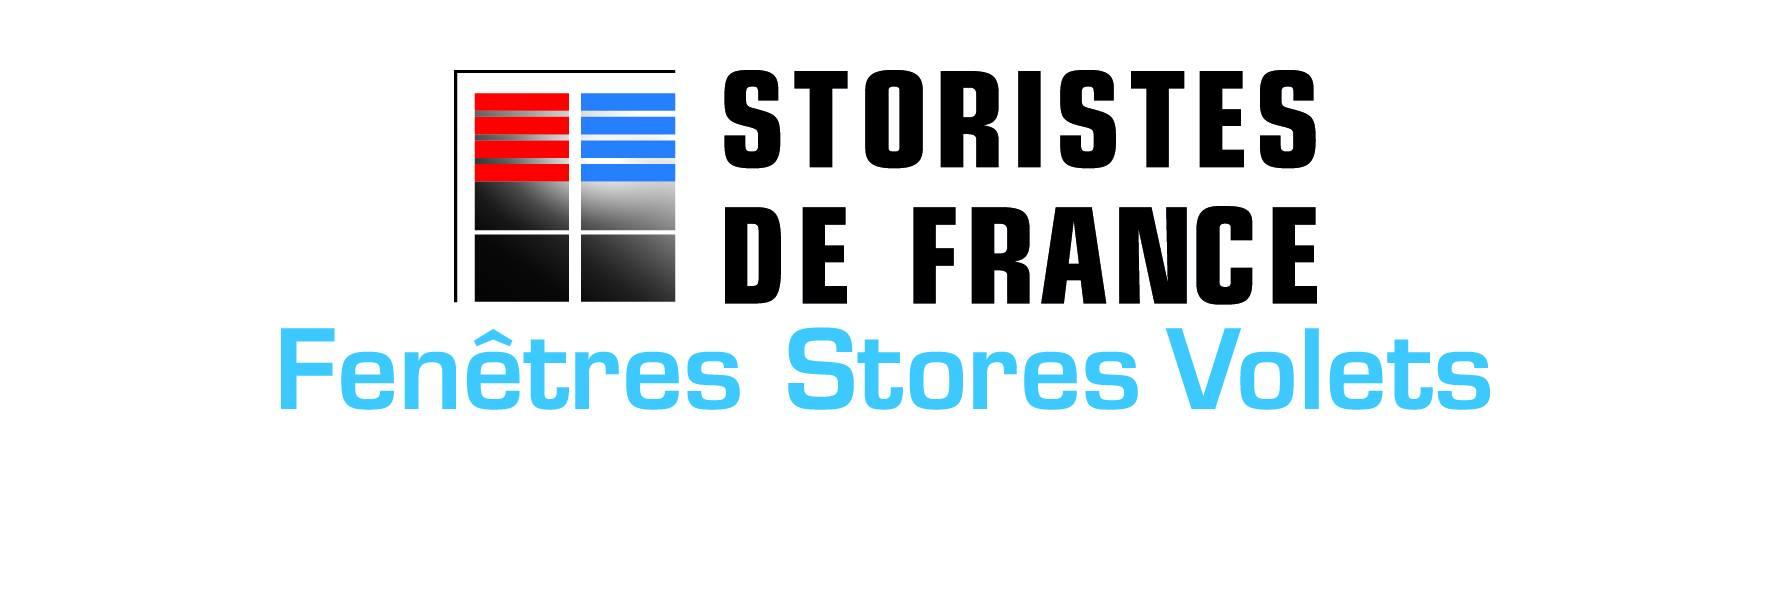 Membre du réseau Storistes de France